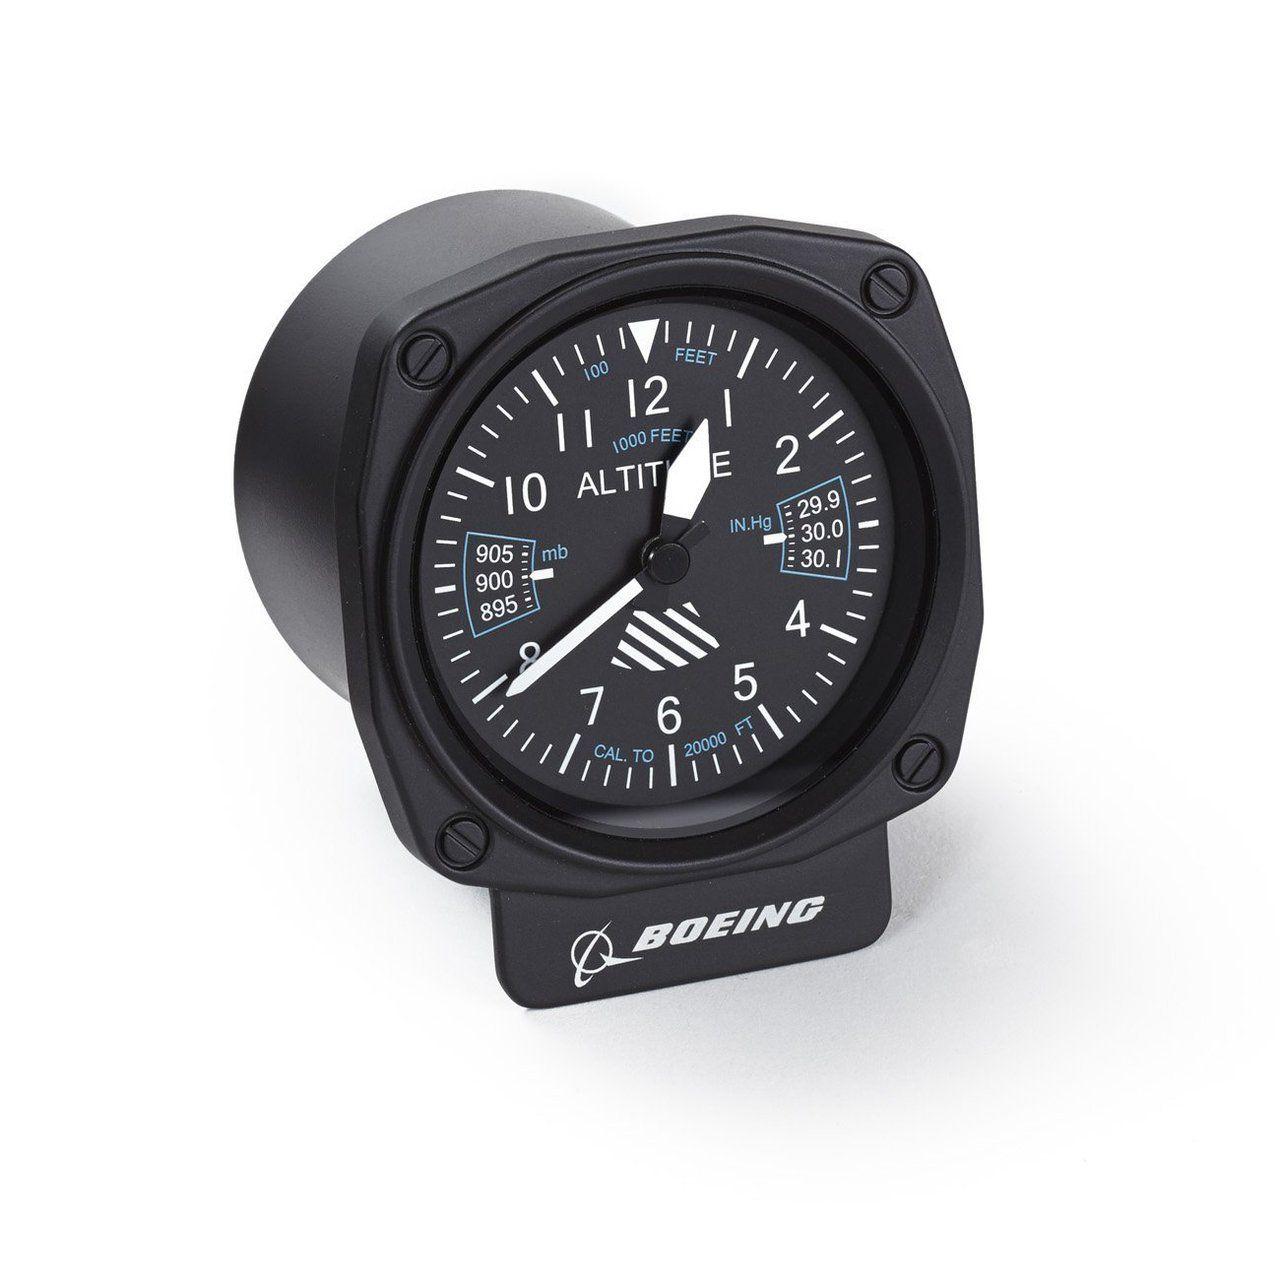 boeing cockpit altimeter desk clock - Desk Clocks